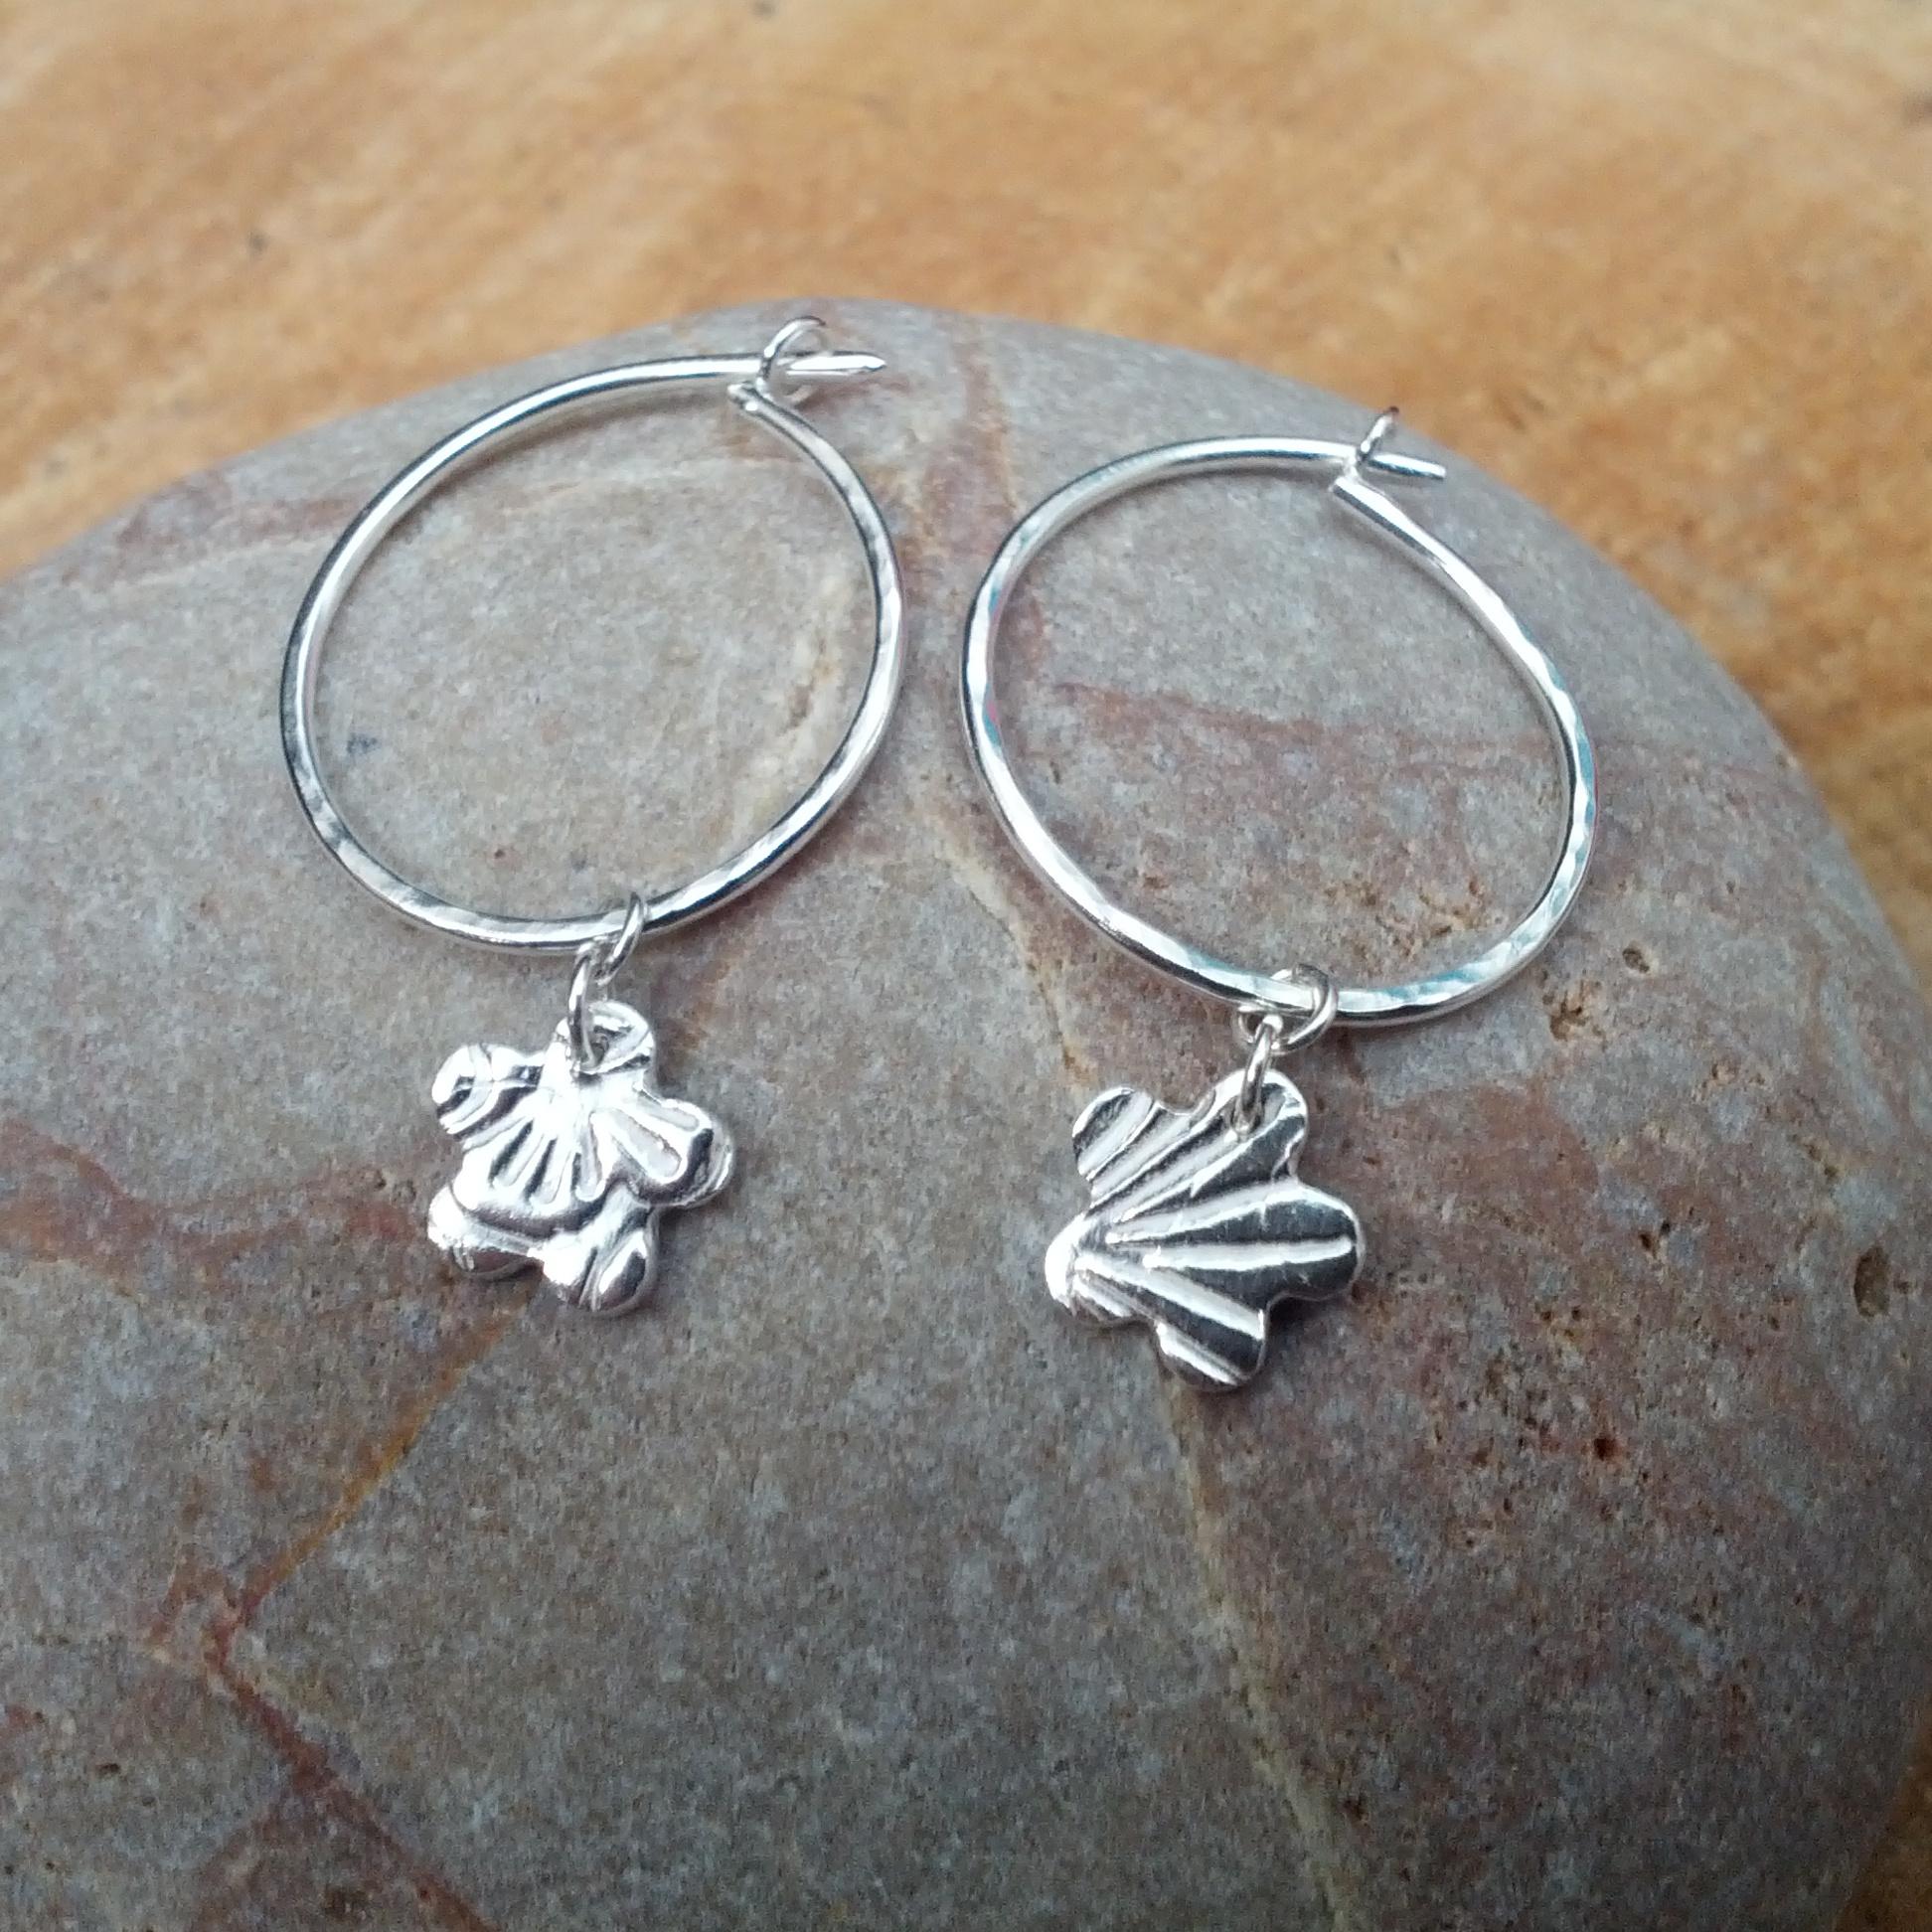 Silver hoop earrings with textured flower dangles